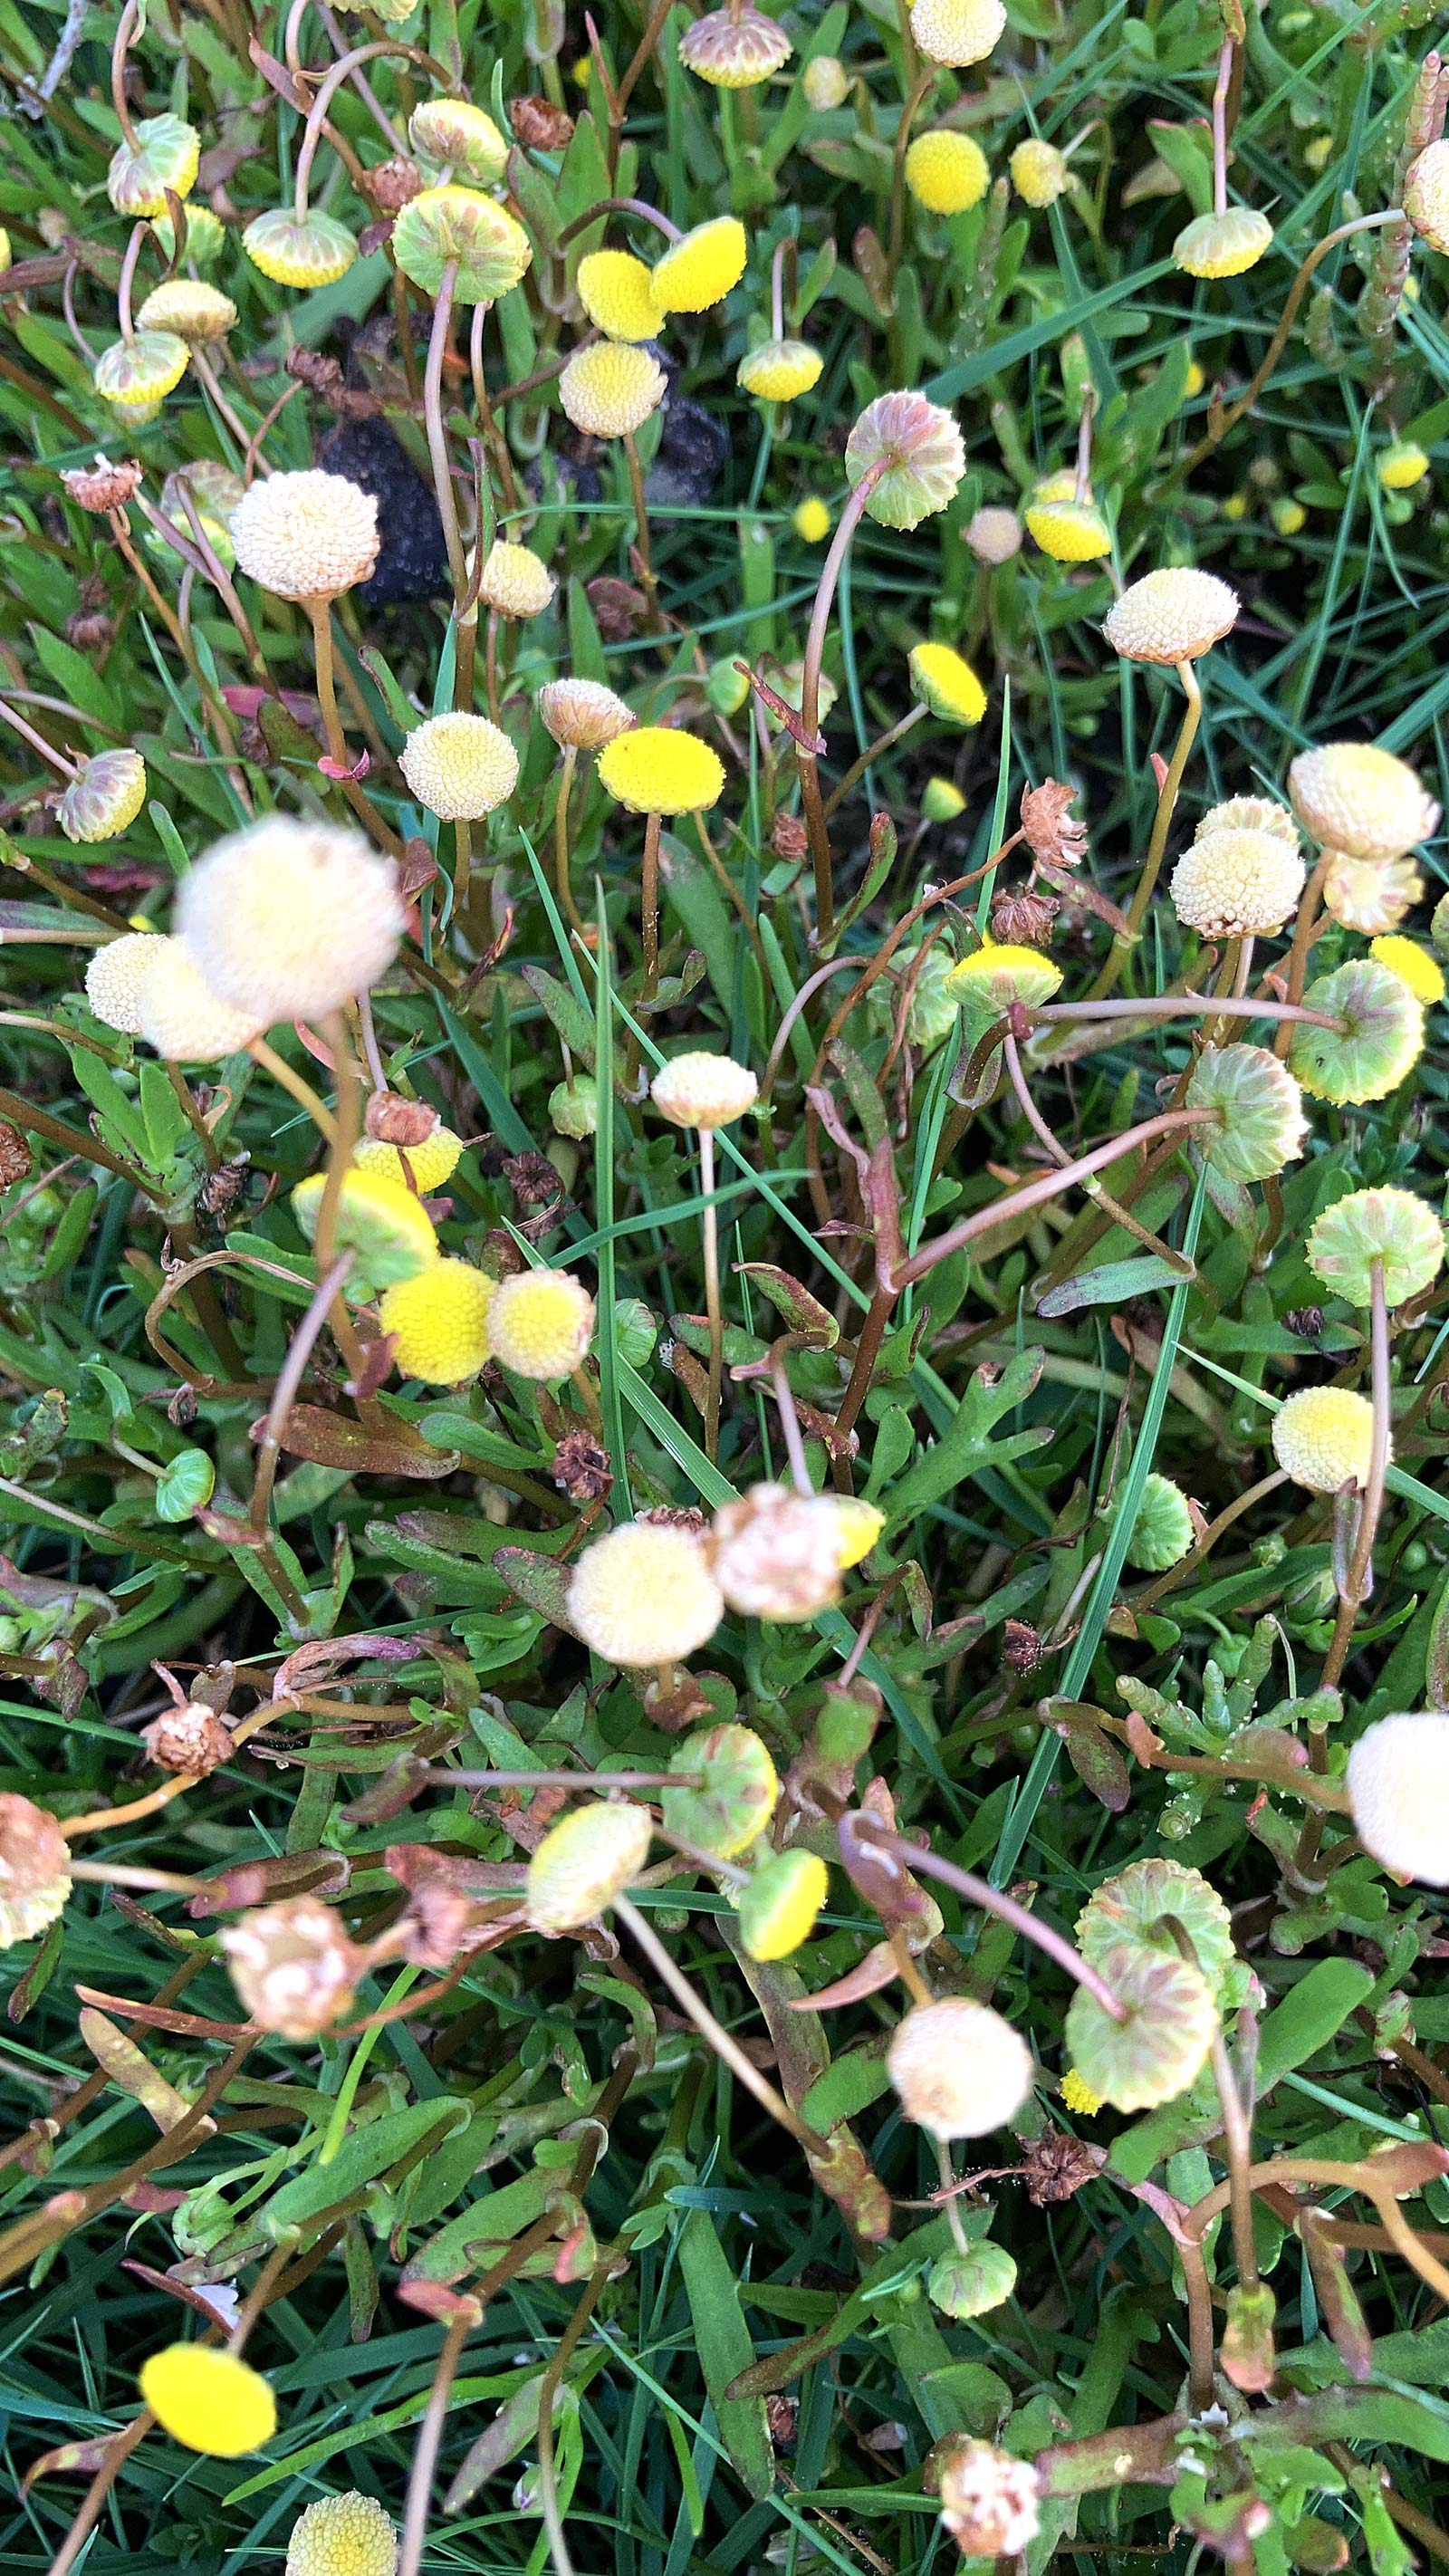 Krähenfuß-Laugenblume-(Cotula-coronopifolia)